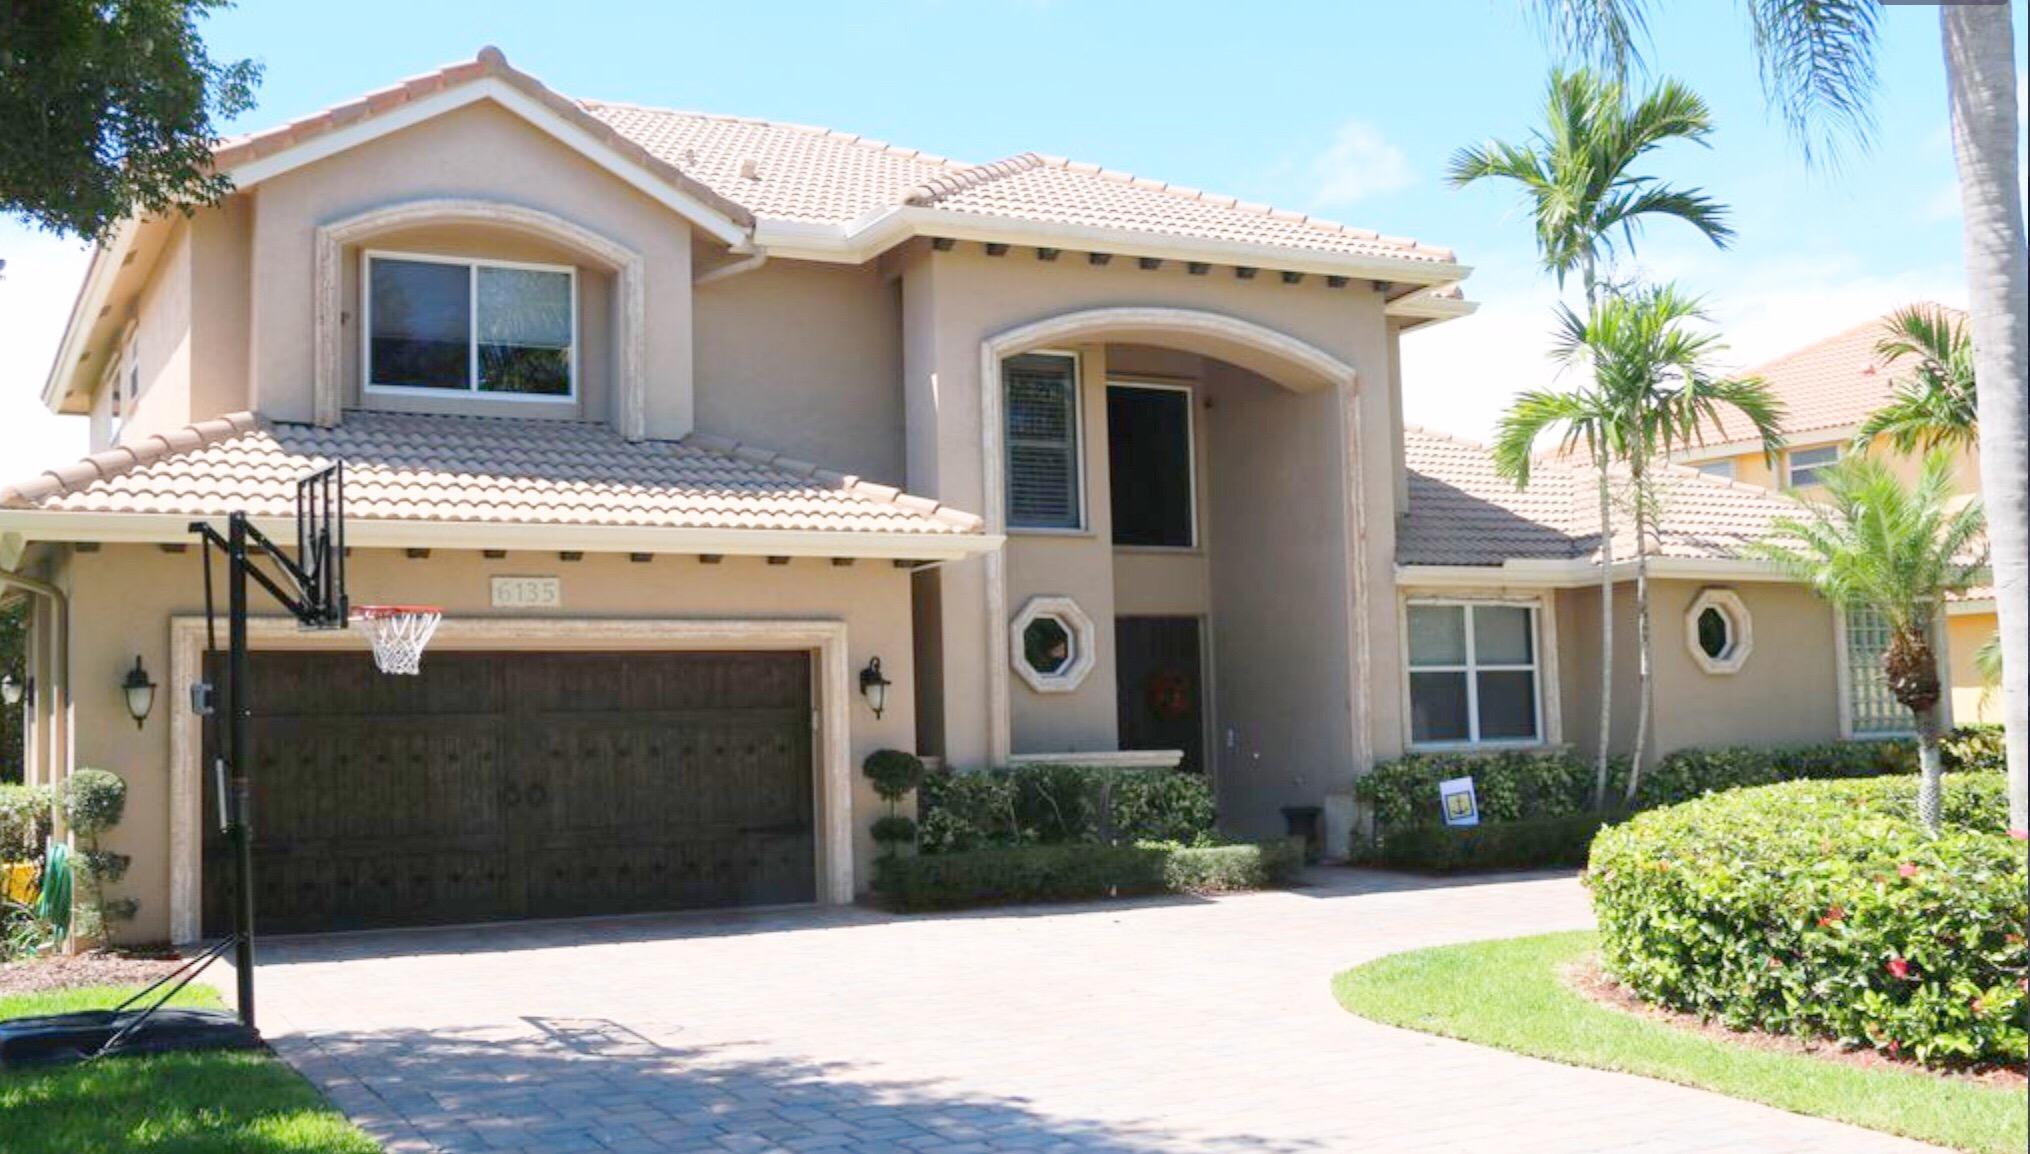 6135  Vista Linda Lane  For Sale 10749833, FL